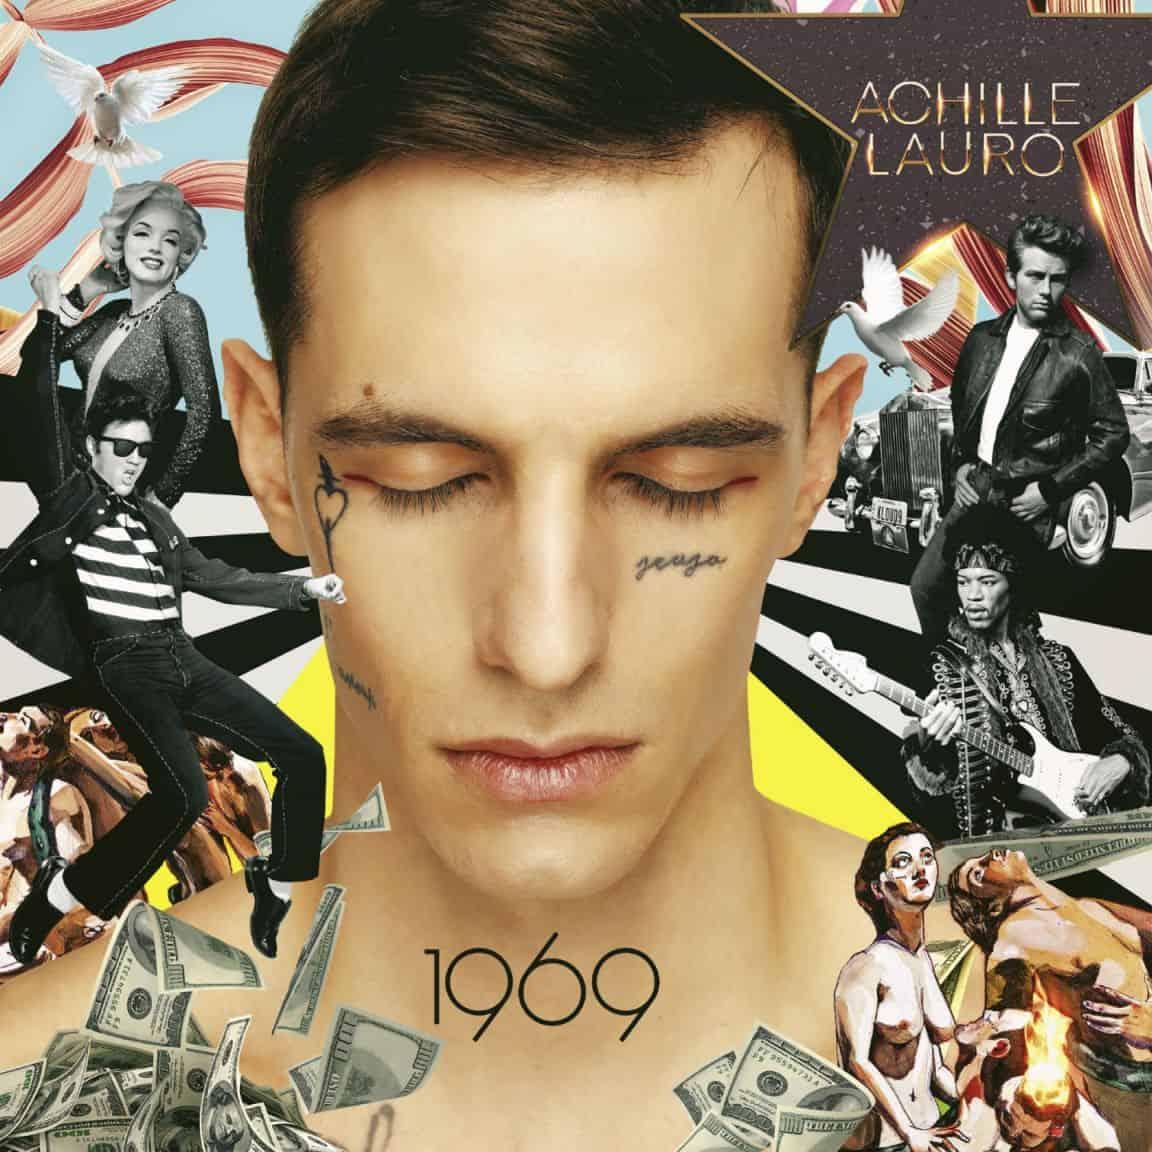 album discografici - Achille Lauro 1969